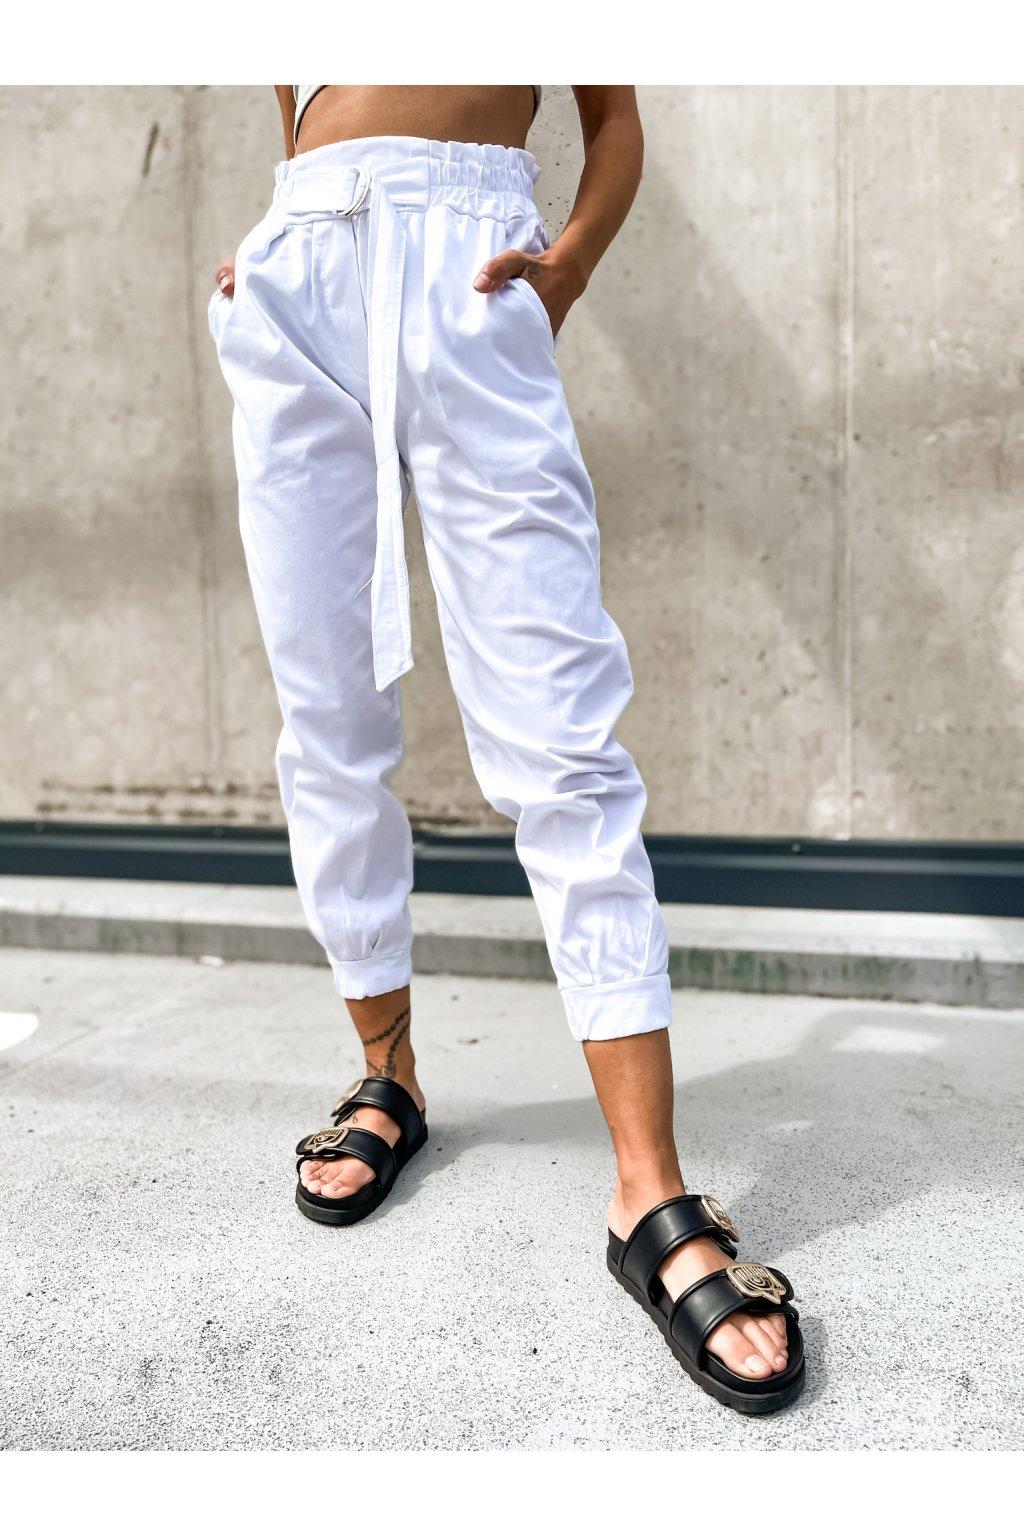 damske kalhoty s vysokym pasem italy white eshopat cz 1